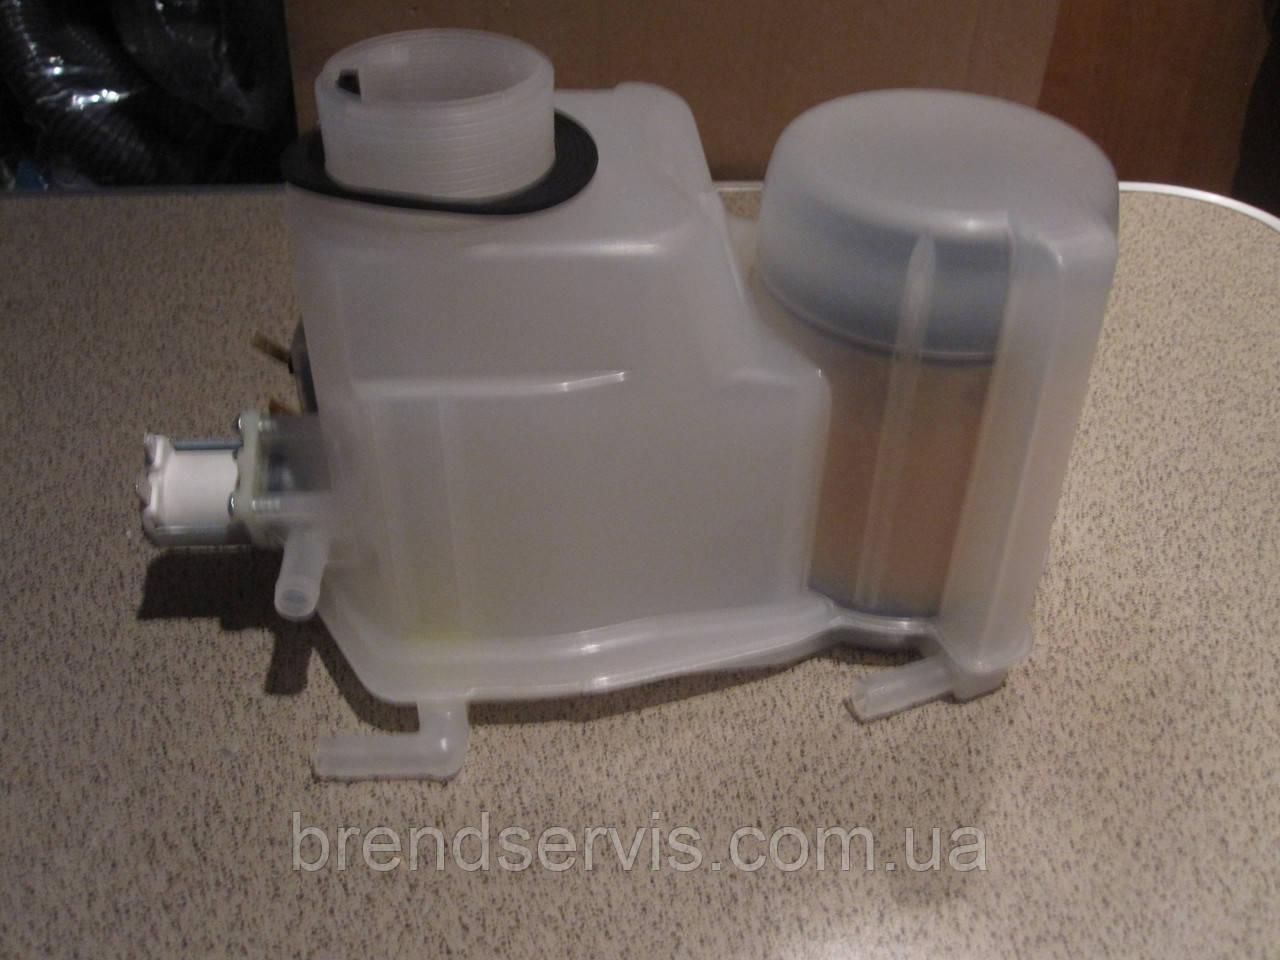 Контейнер для посудомоечной машины Haier